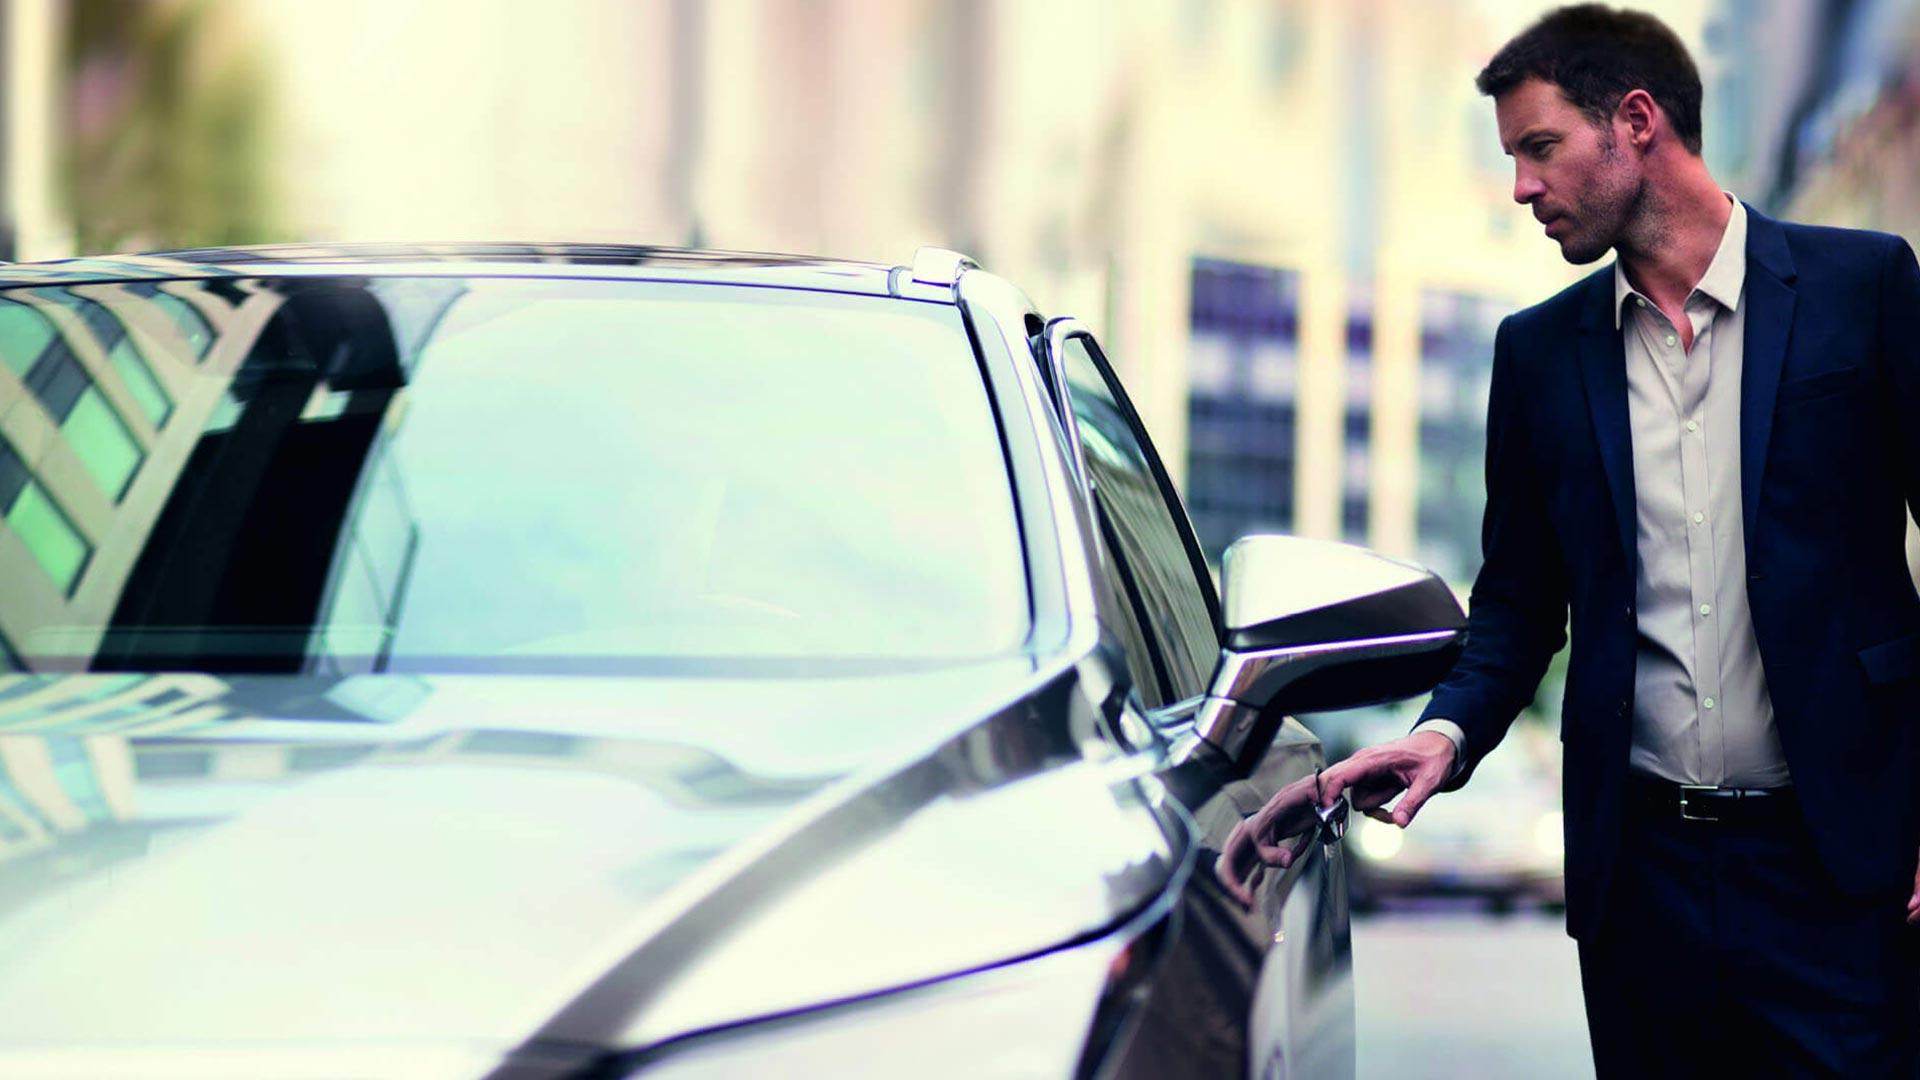 Lexus Lease Per Drive 1920x1080 image